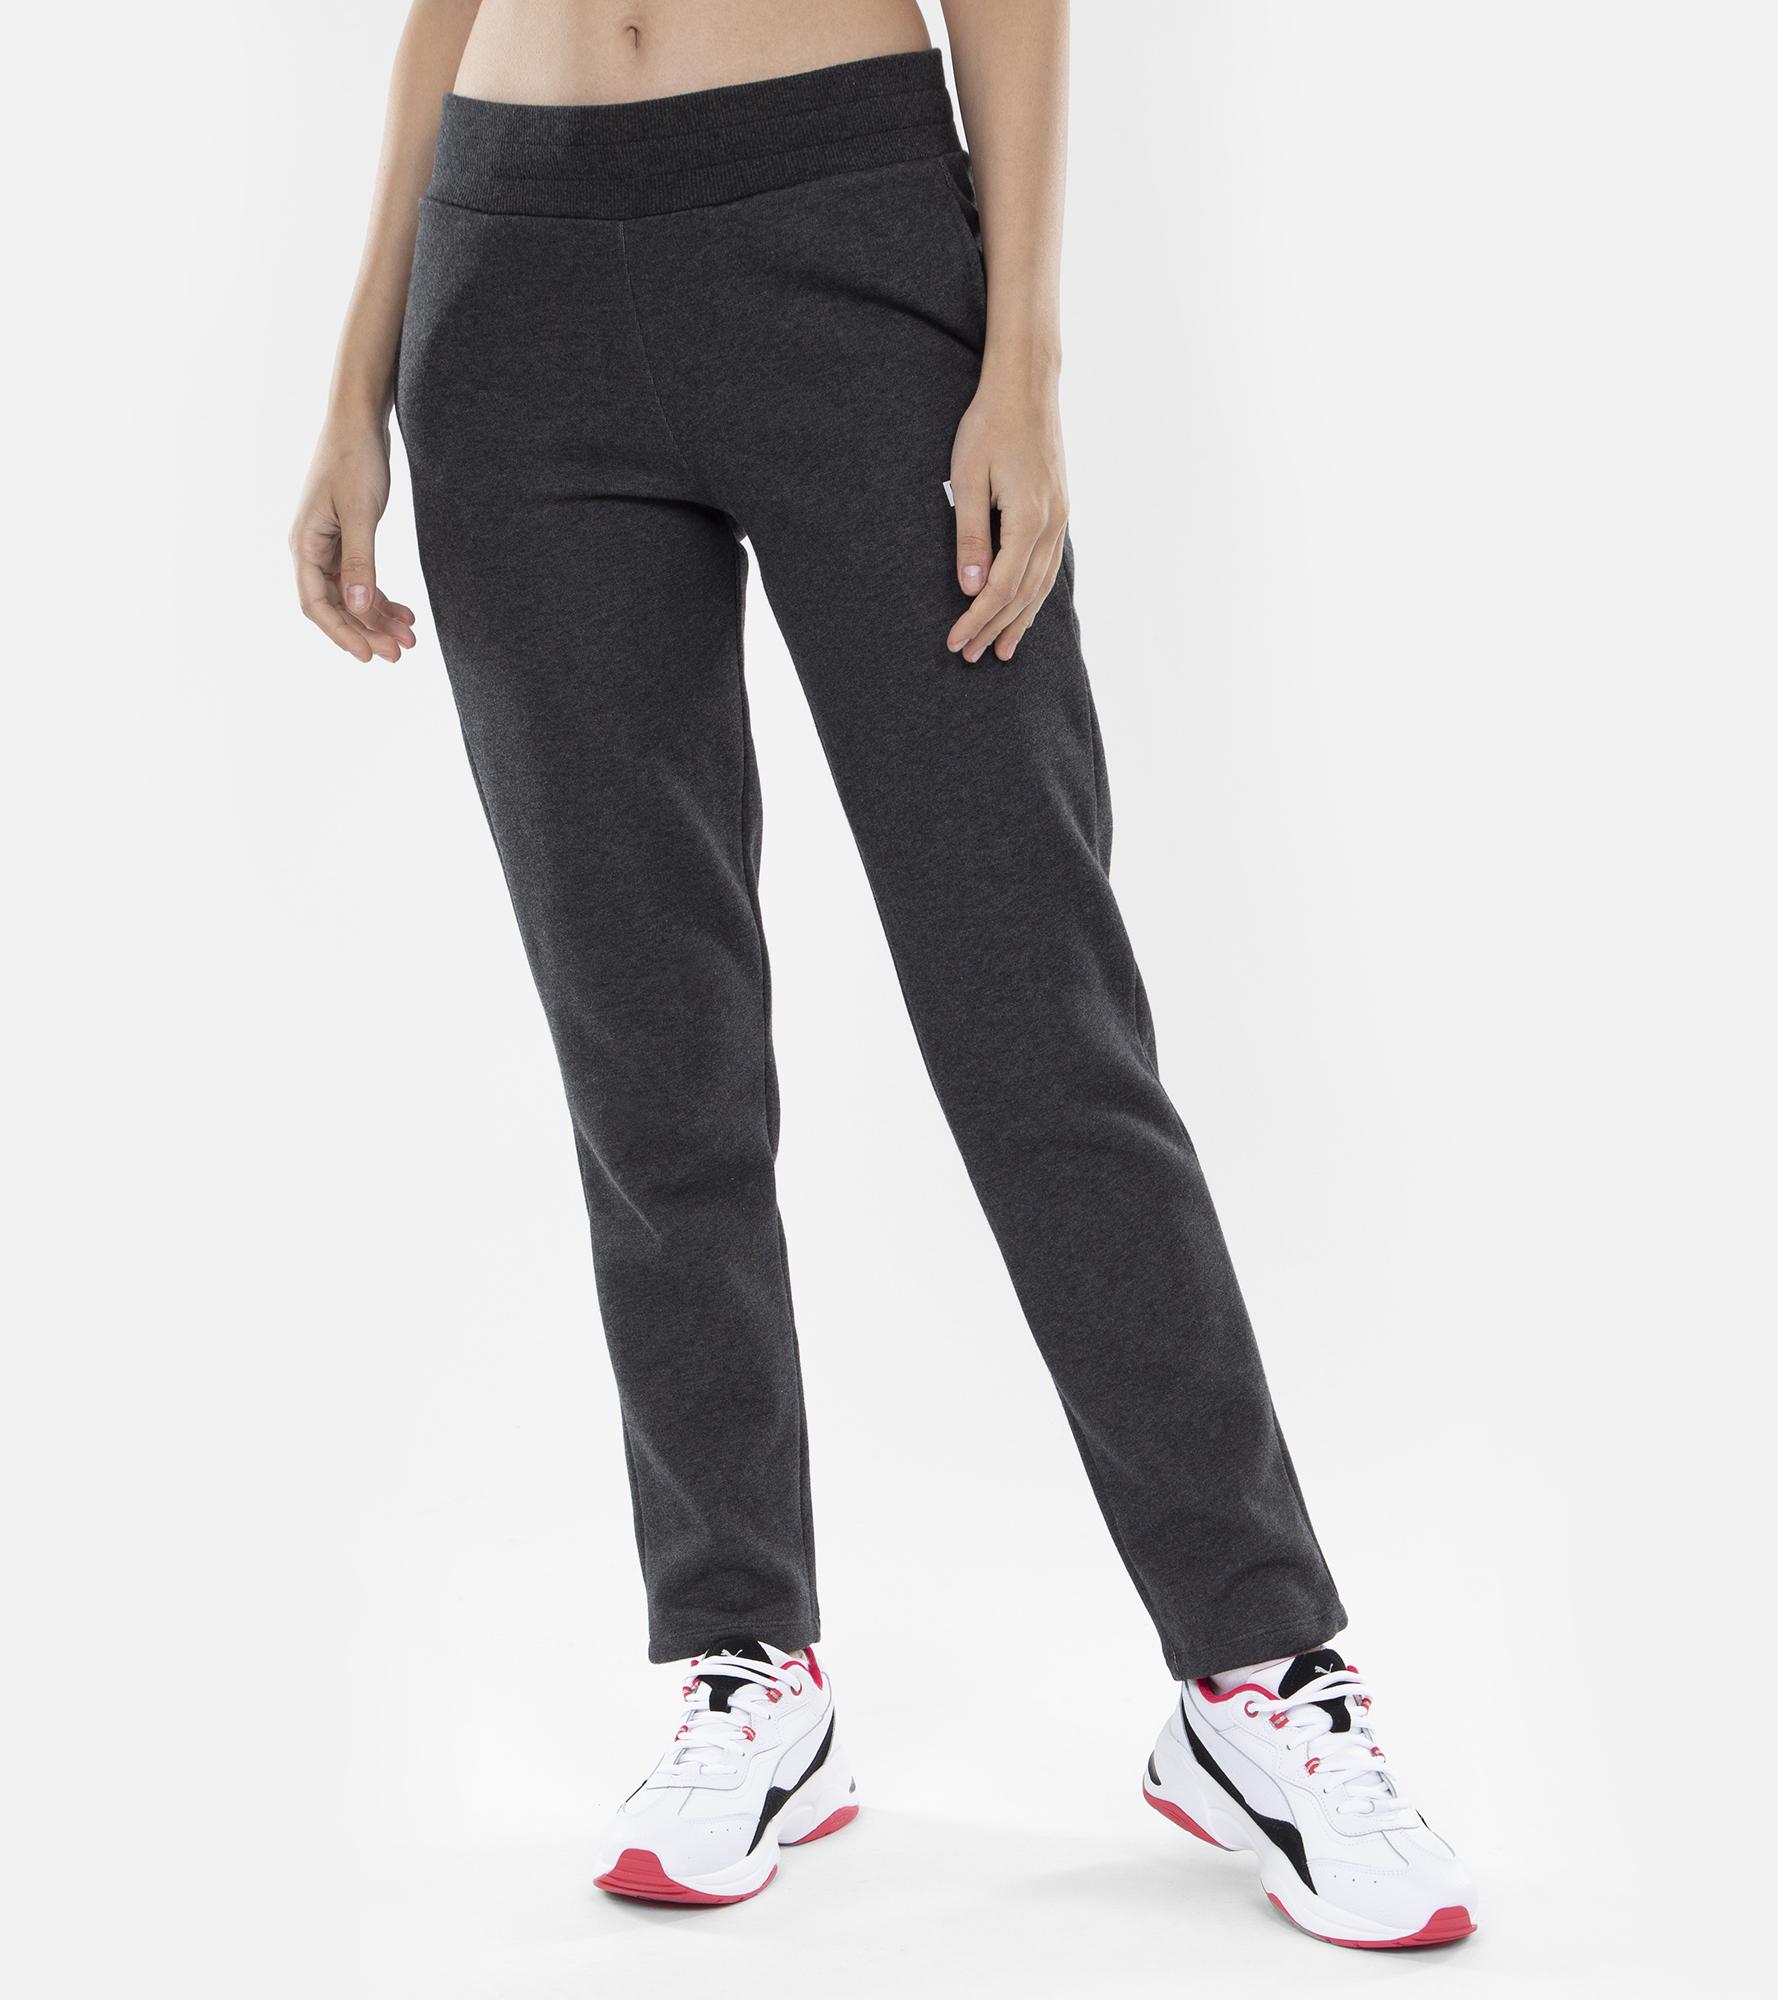 Puma Брюки женские Puma Essential, размер 48-50 брюки спортивные женские puma ess sweat pant tr w цвет светло серый 838430041 размер xl 48 50